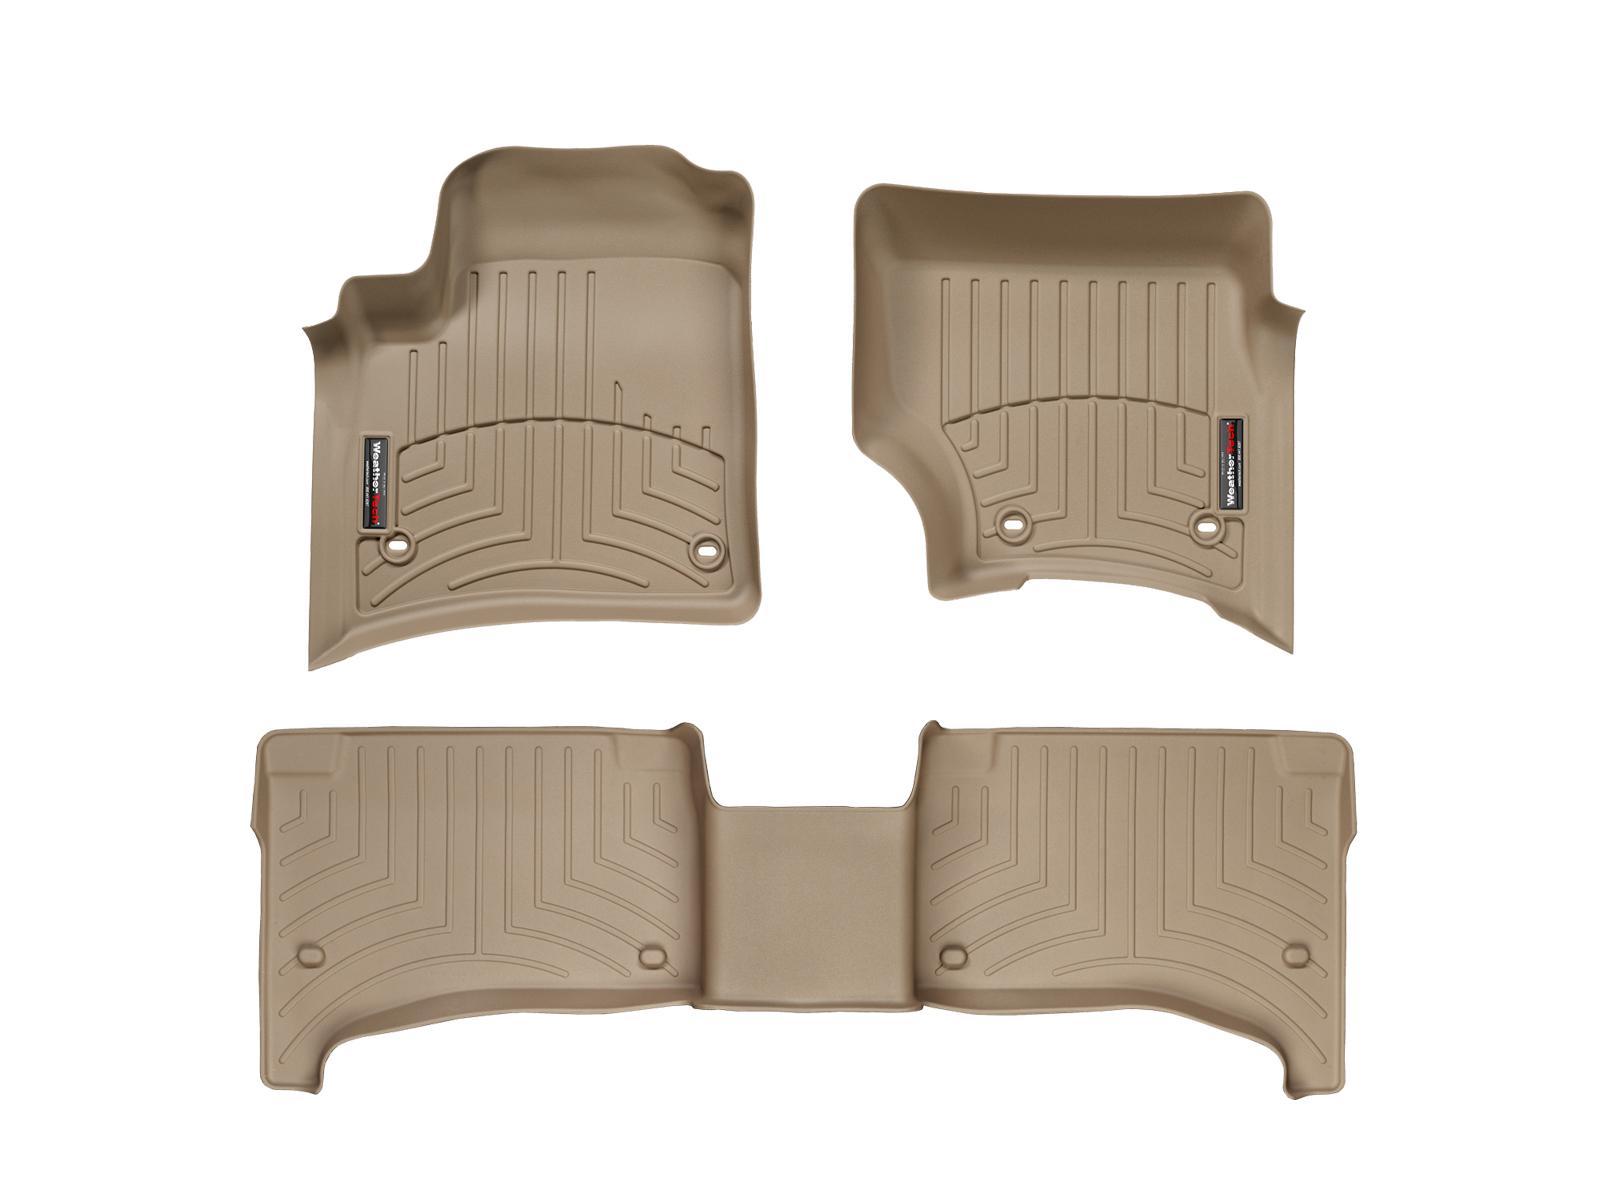 Tappeti gomma su misura bordo alto Volkswagen Touareg 07>08 Marrone A4294*